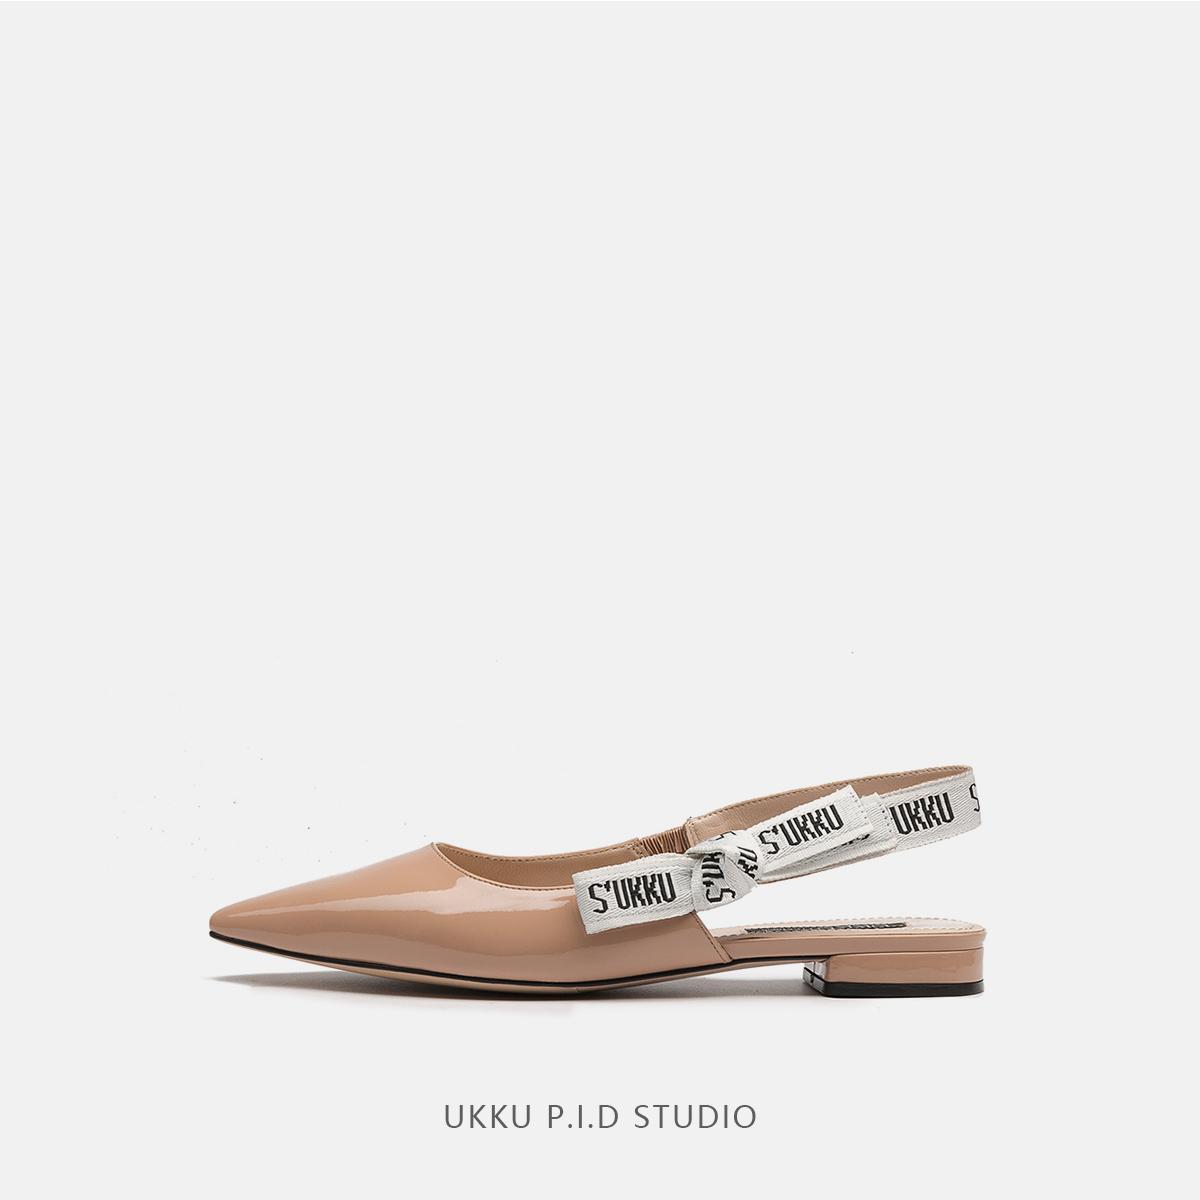 女式平底凉鞋 UKKU 2018夏季新款浅口百搭款舒适尖头漆皮平底平跟女凉鞋补货_推荐淘宝好看的女平底凉鞋